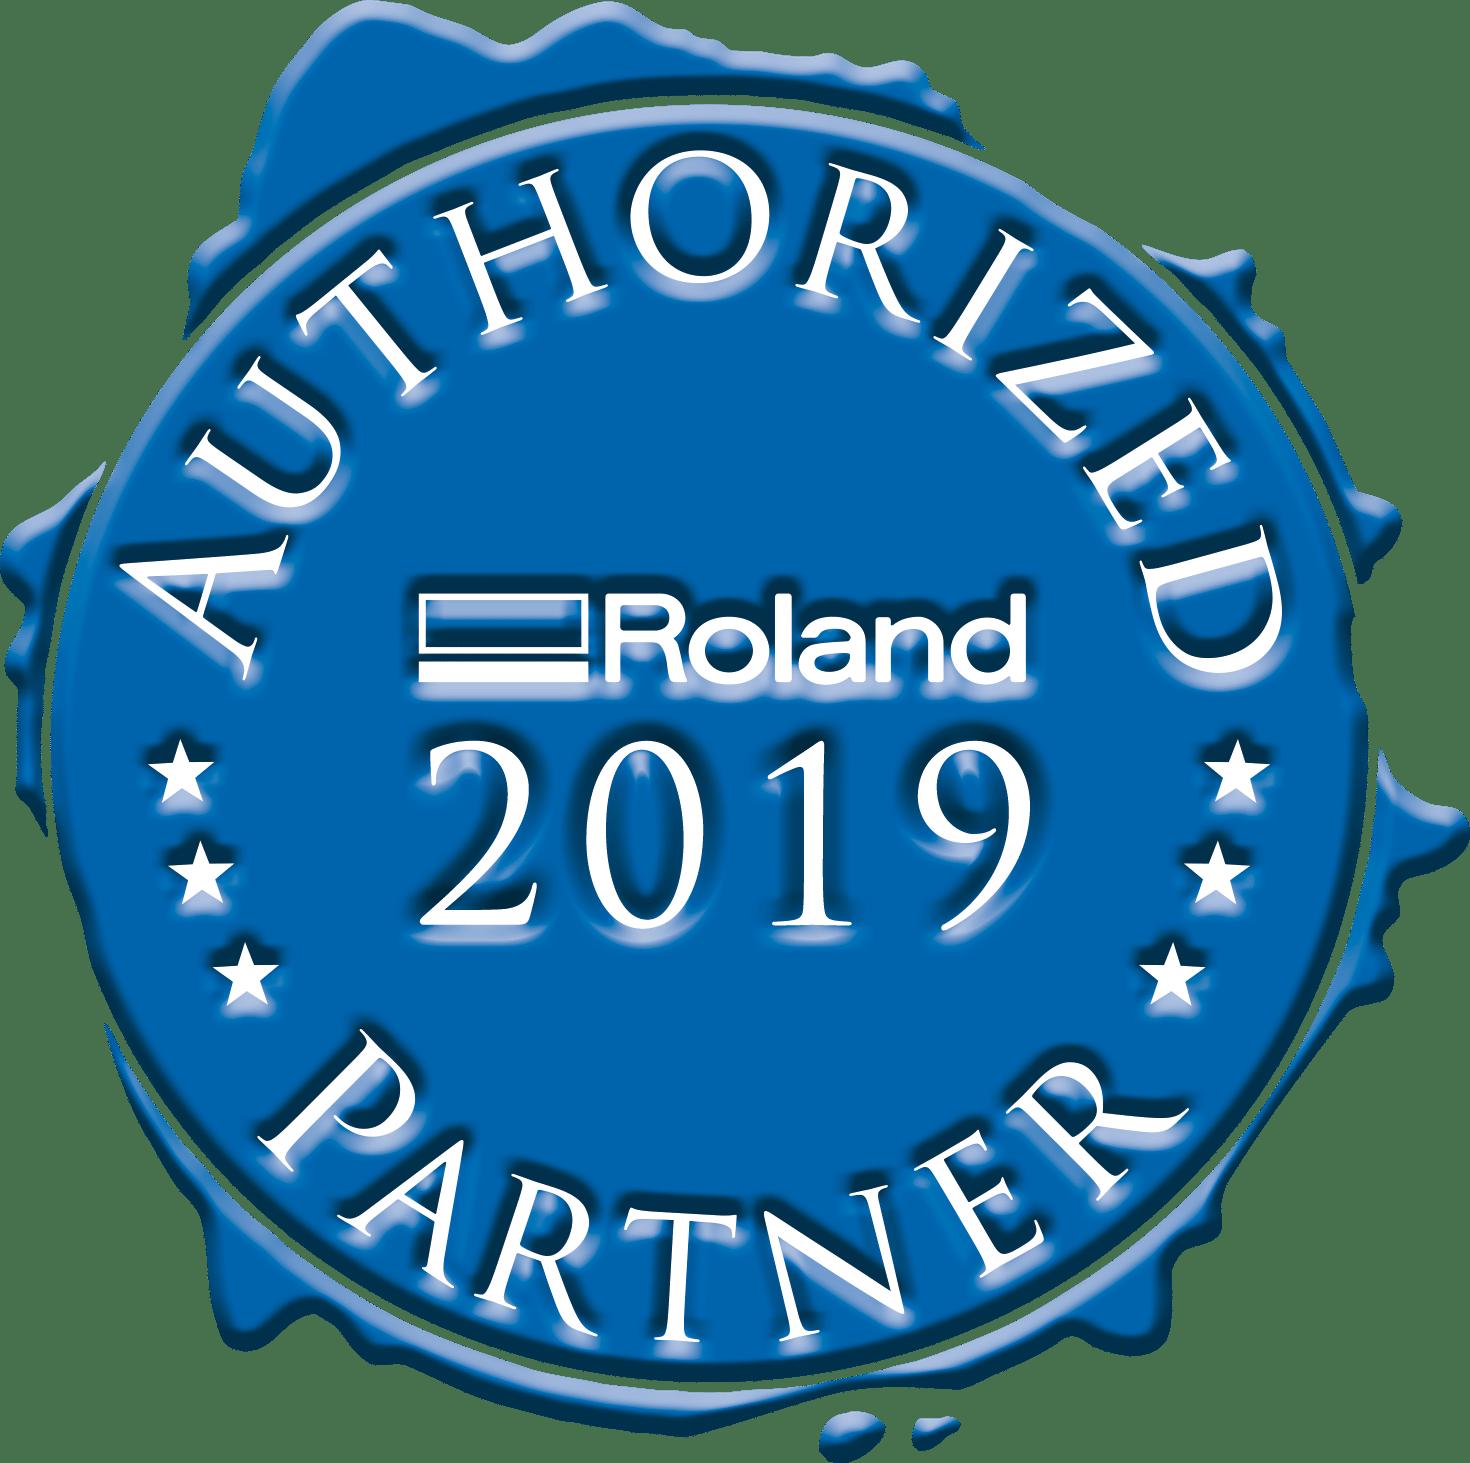 vikiallo autoriseret roland forhandler 2019